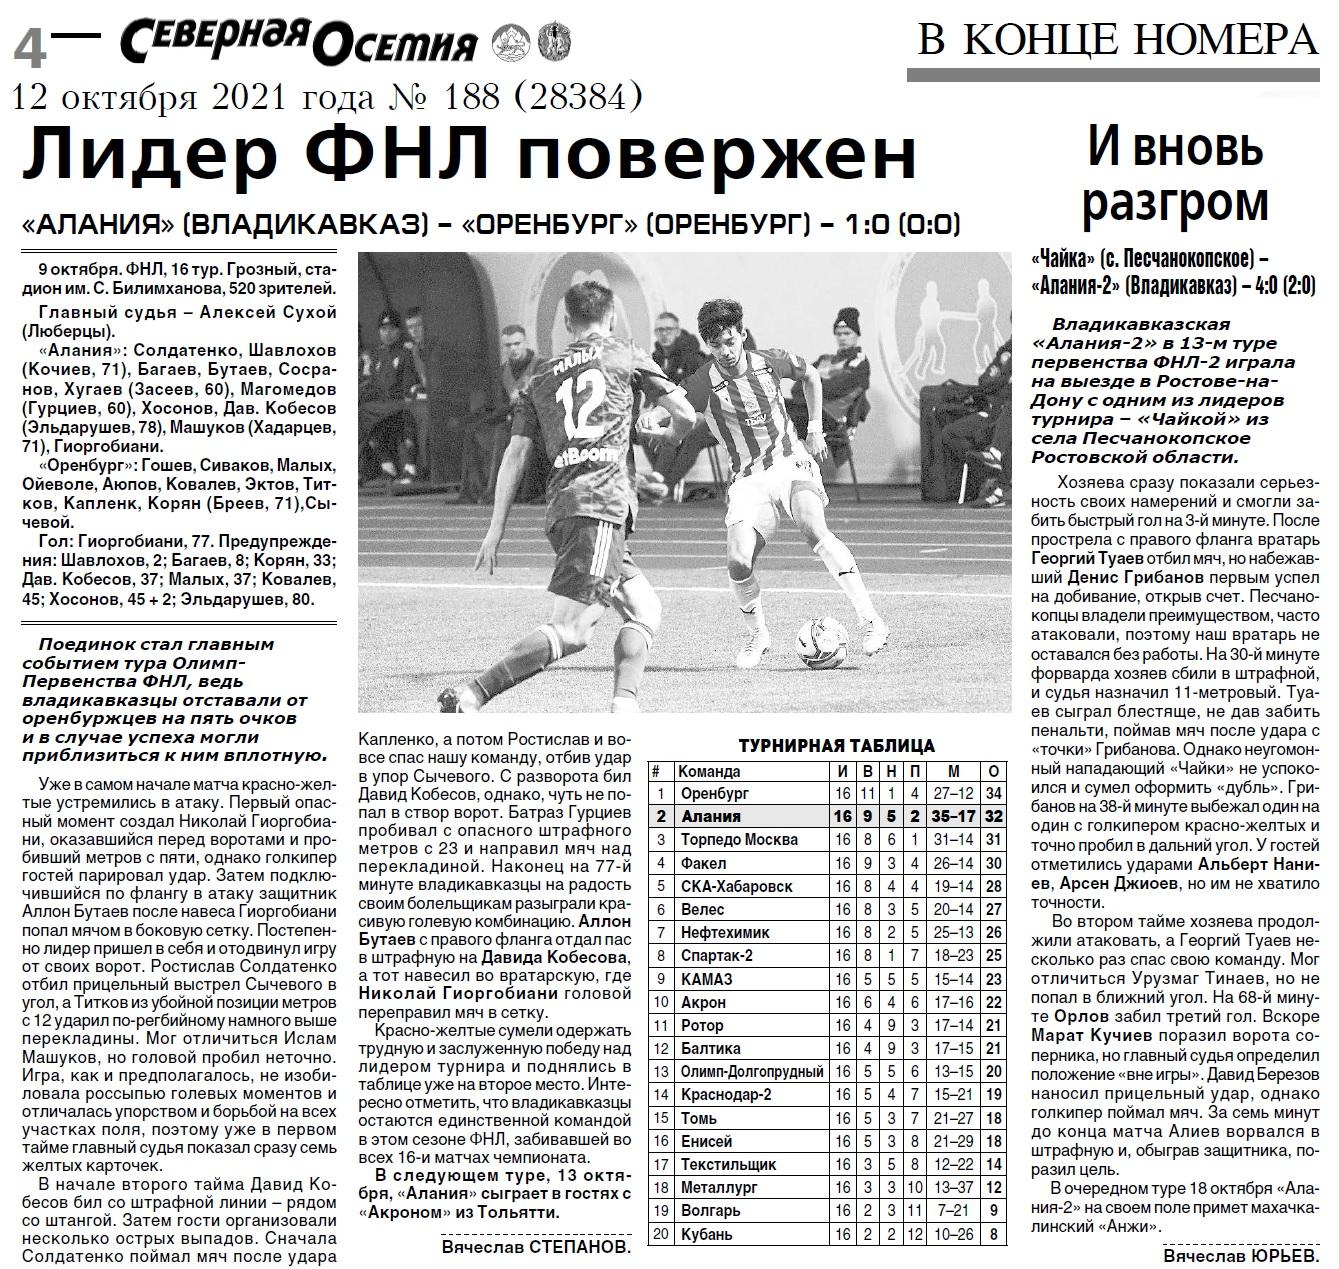 Алания (Владикавказ) - Оренбург (Оренбург) 1:0. Нажмите, чтобы посмотреть истинный размер рисунка